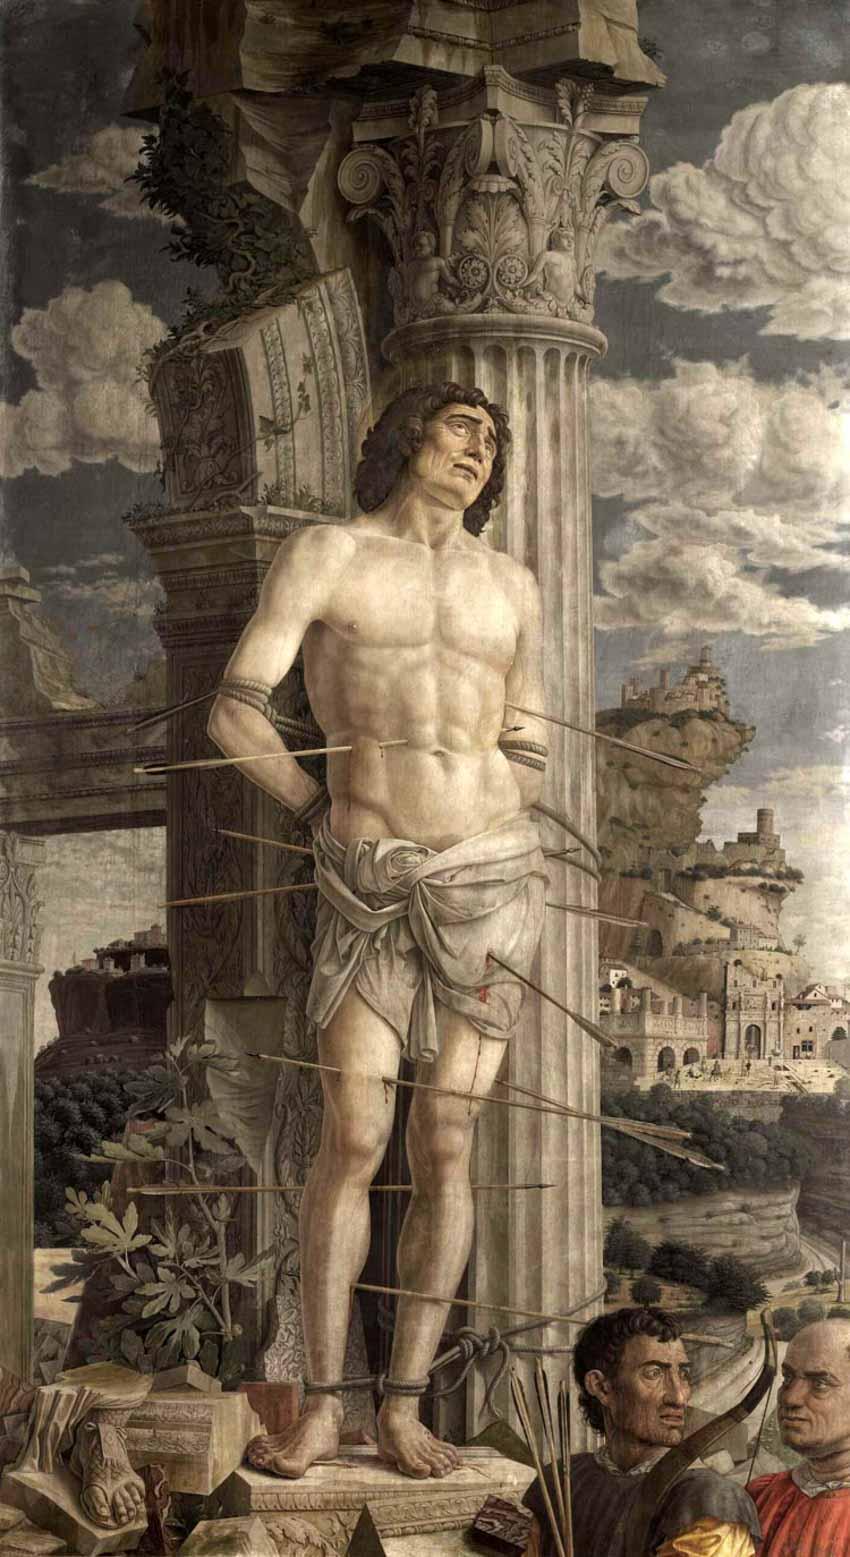 Bí kíp trong tranh Andrea Mantegna, danh họa thời Phục Hưng - 3